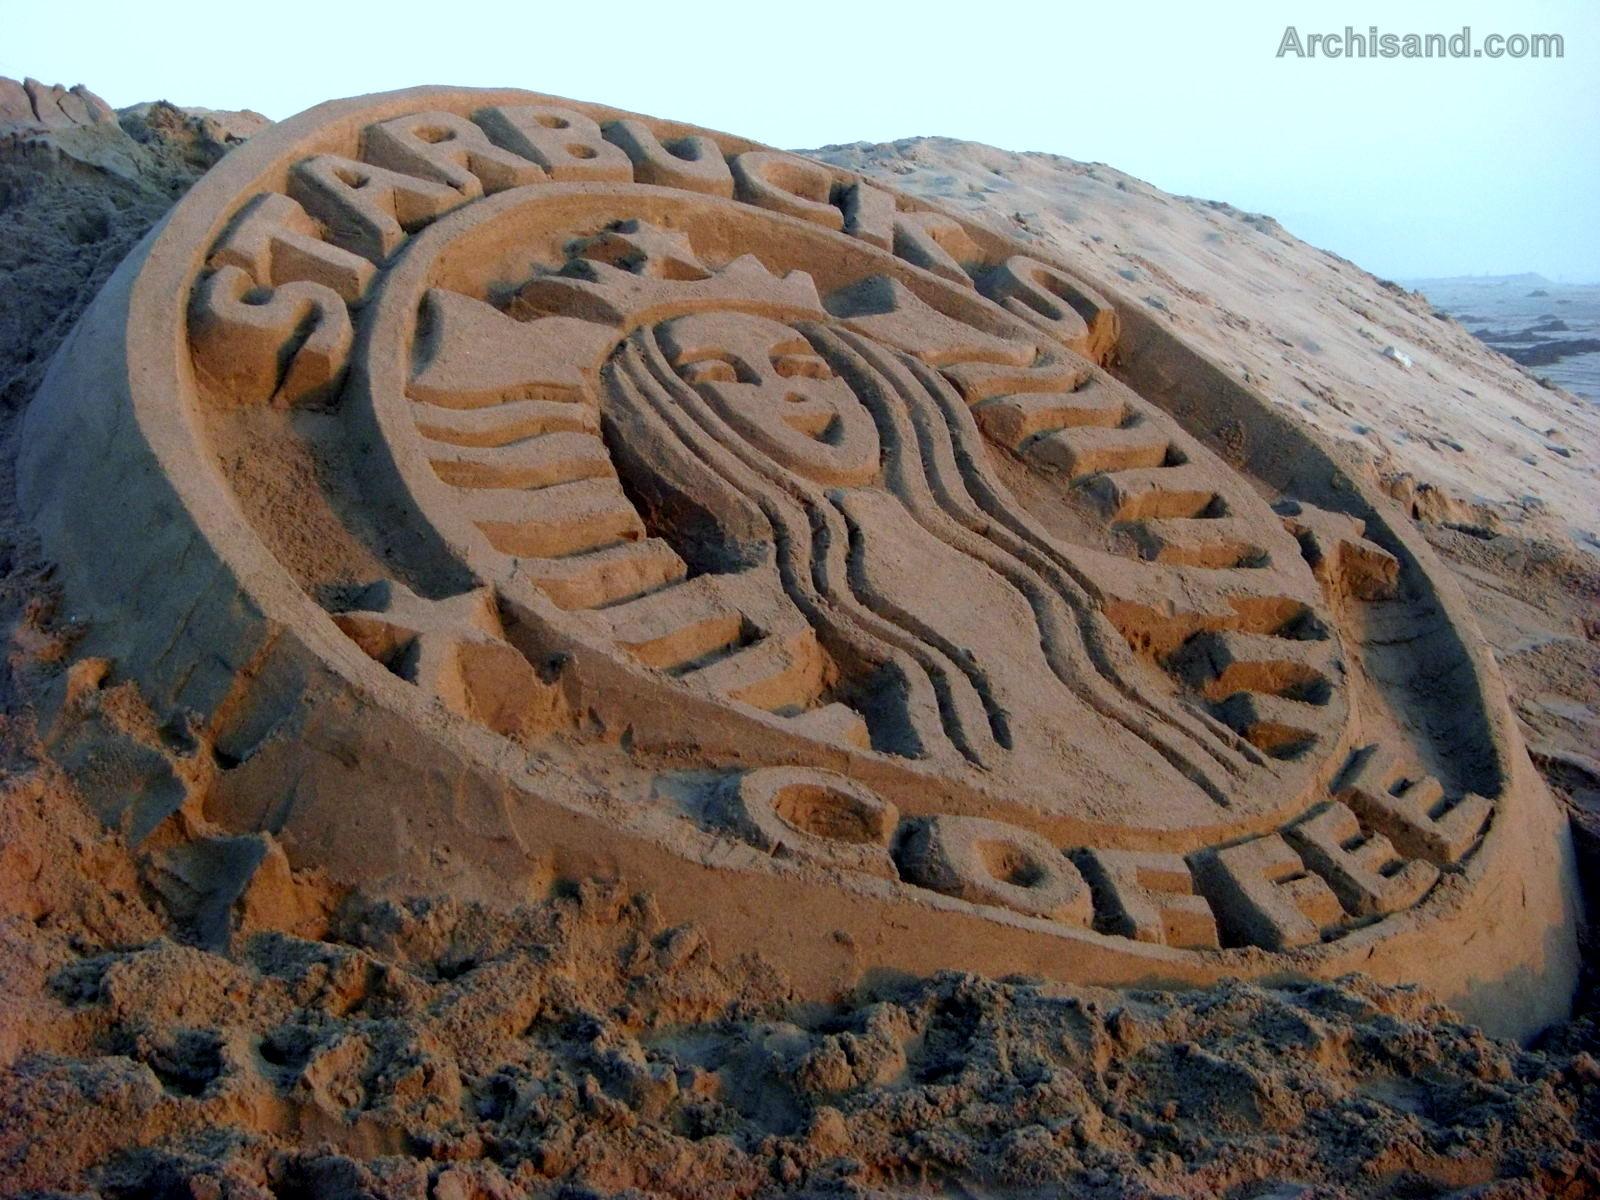 Starbucks Sandcastle